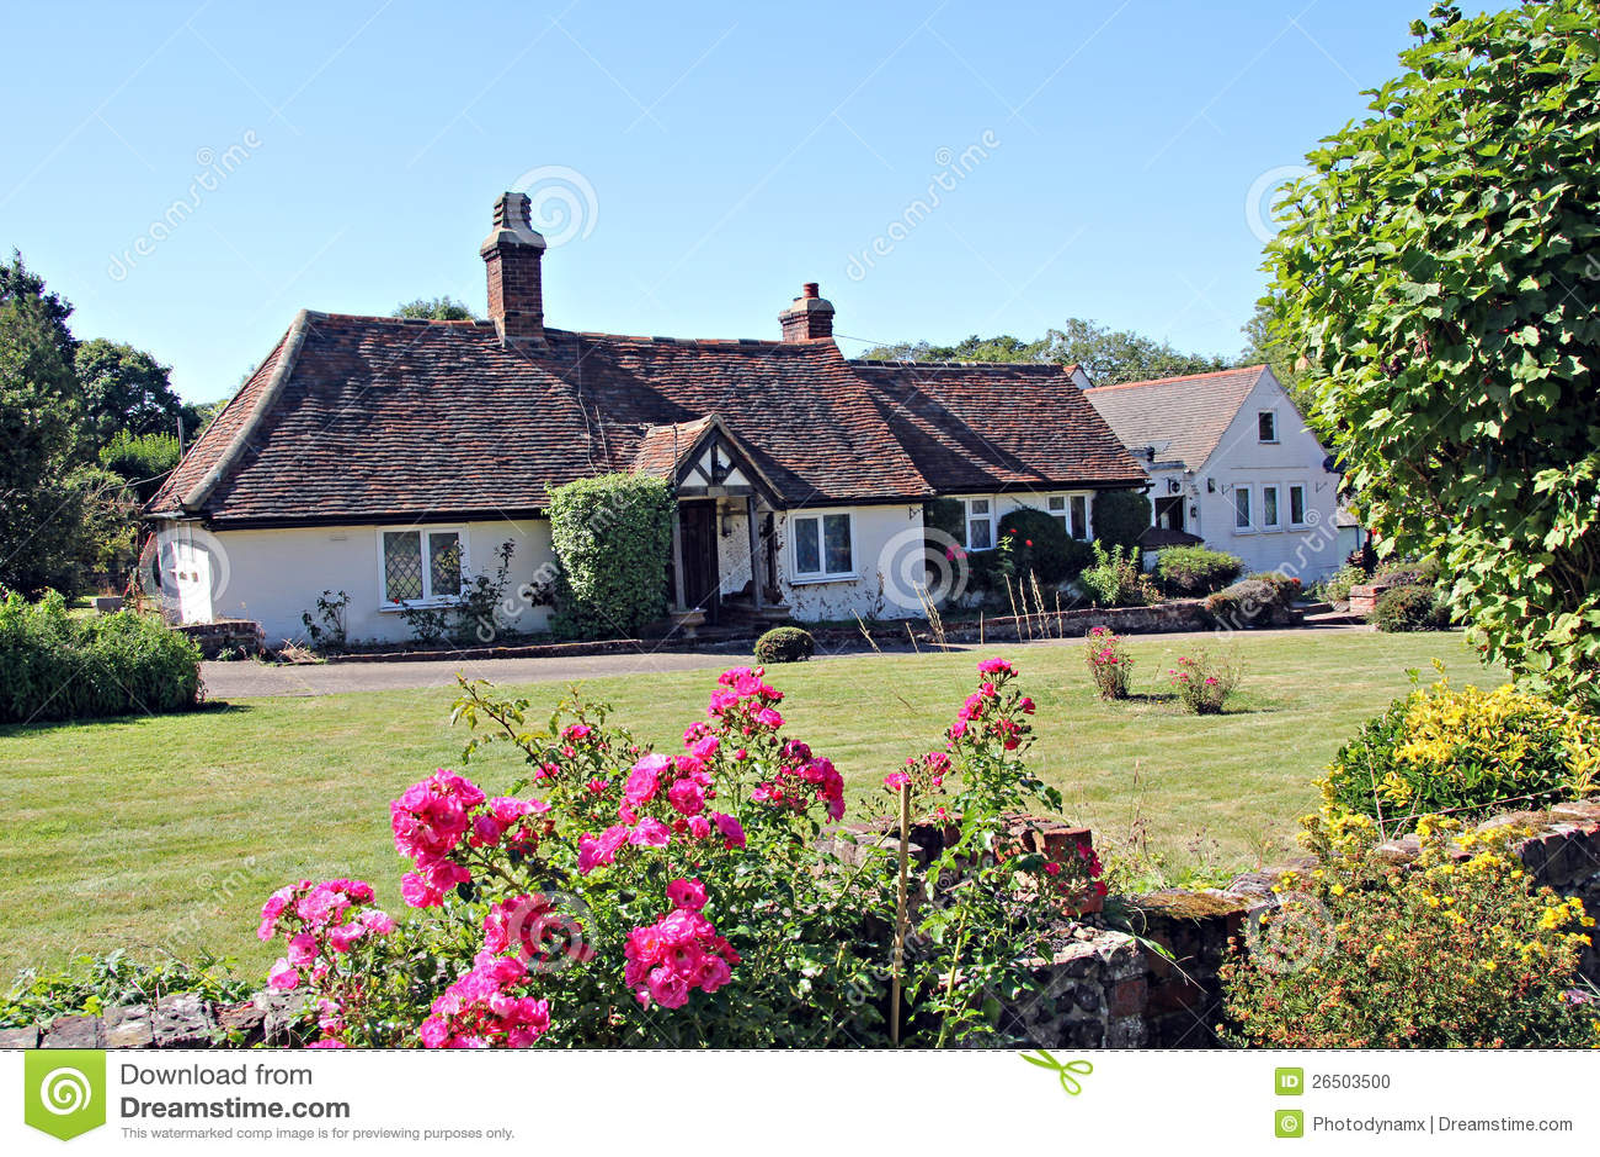 Kent Country Farmhouse Stock Photo Image 26503500